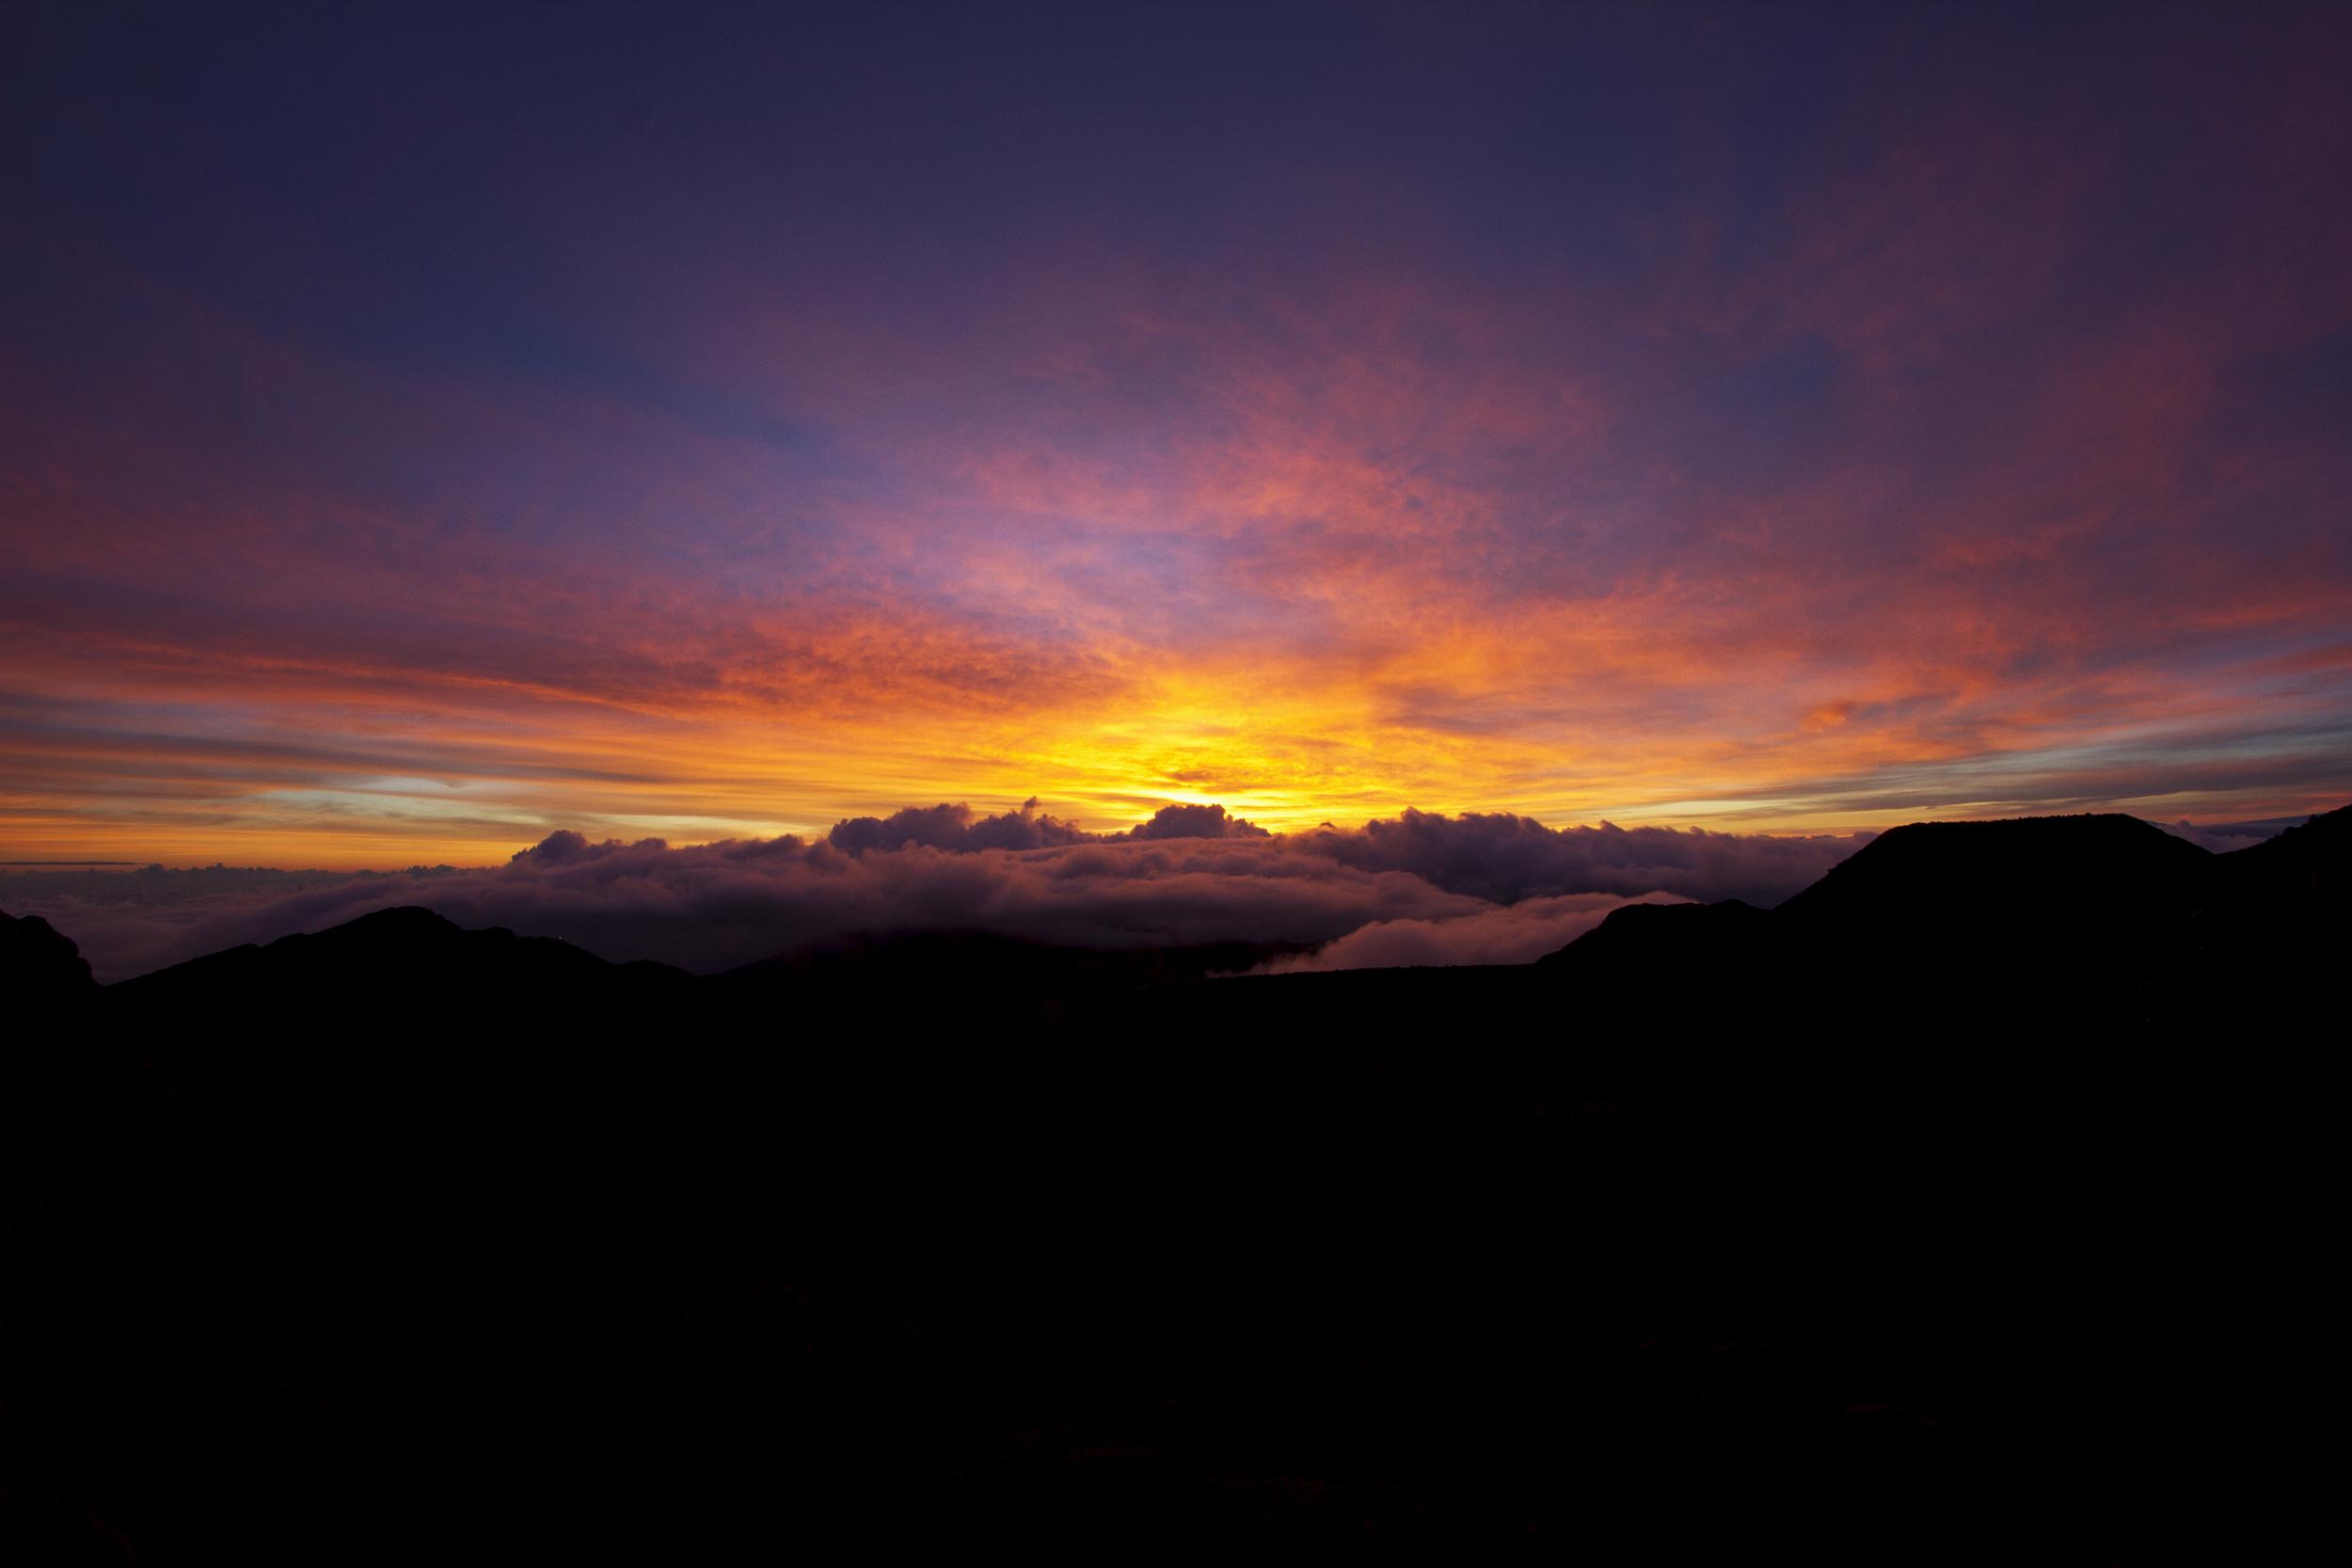 sunrisefb.jpg